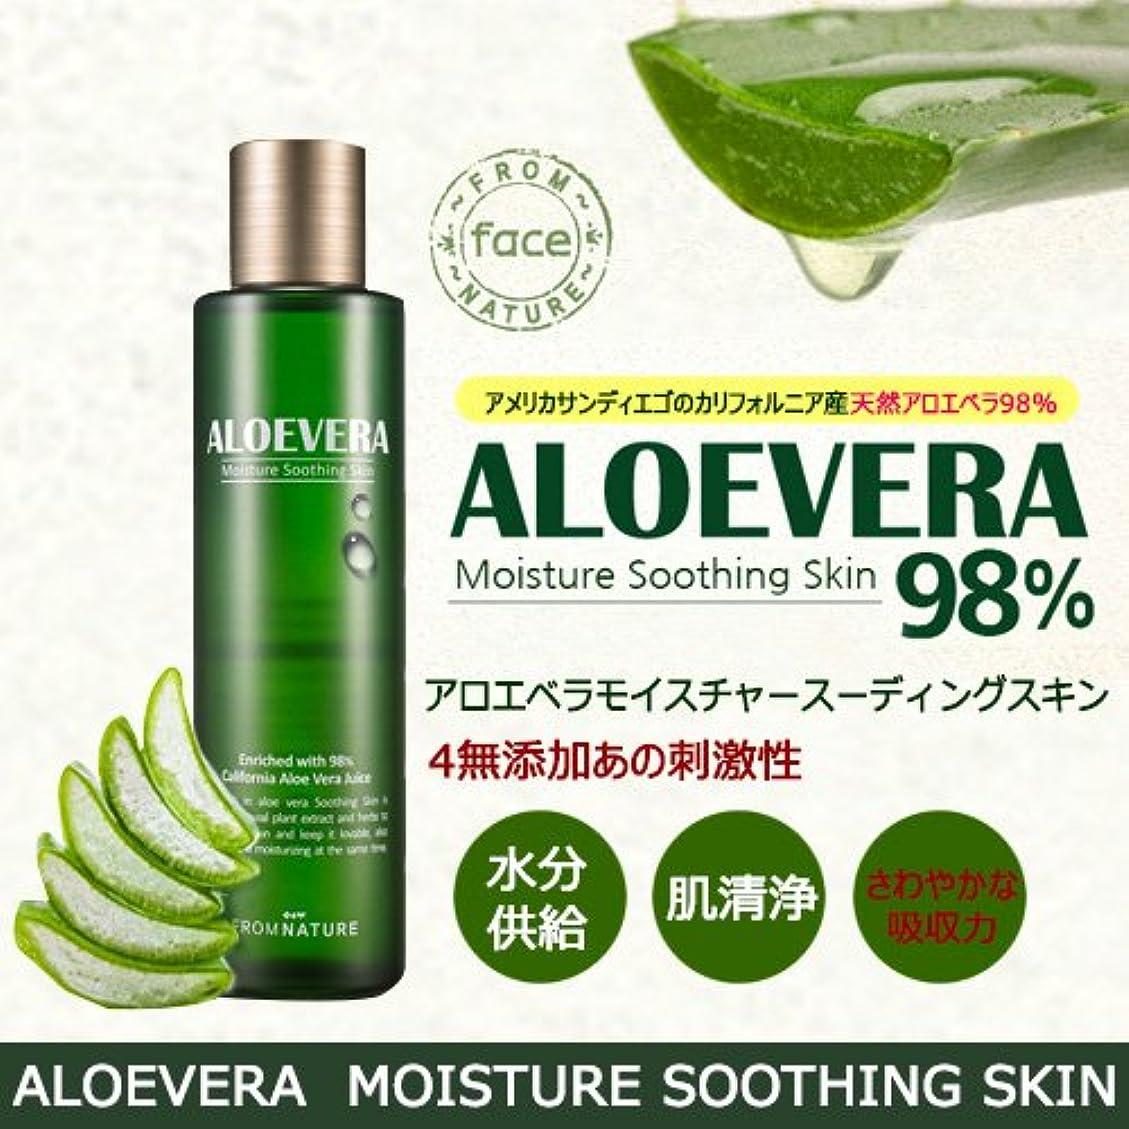 ジョットディボンドン受け皿実現可能性[FROMNATURE][フロムネイチャー] アロエベラモイスチャースーディングスキン(From Nature Aloevera Moisture Soothing Skin)